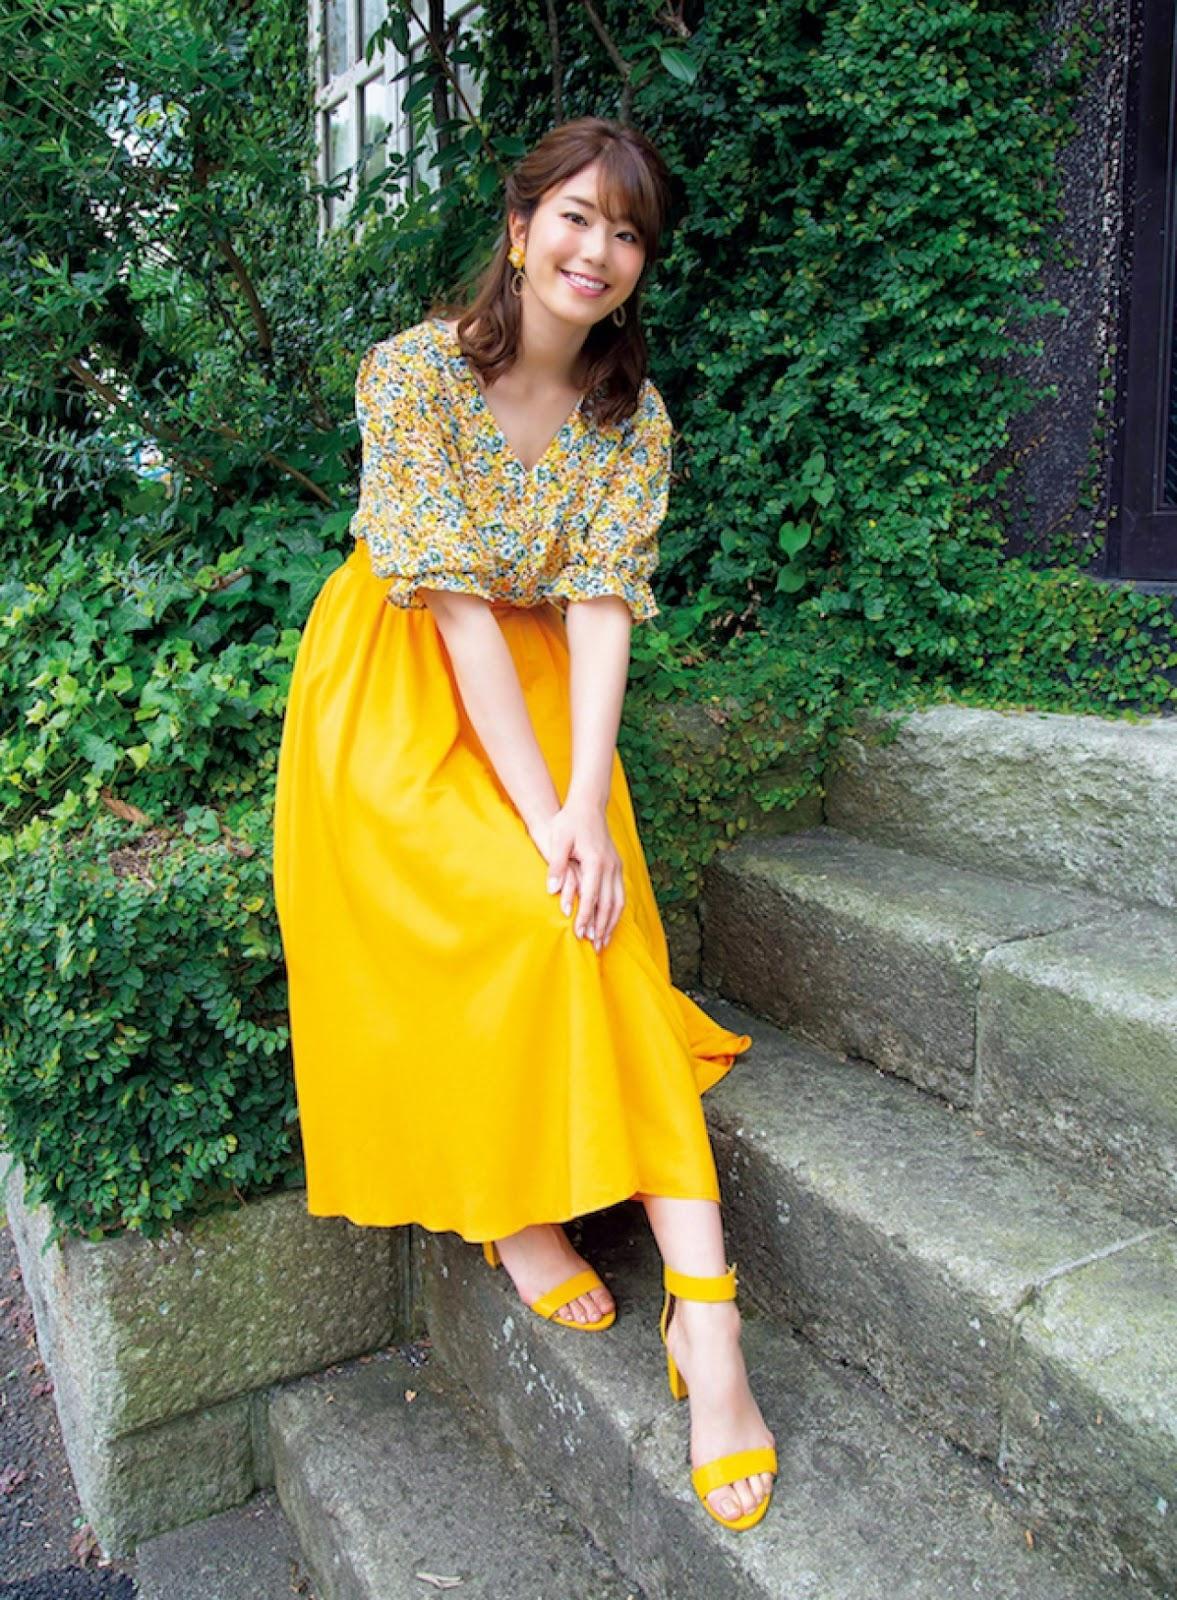 稲村亜美の画像 p3_33 | Ami Inamura | Pinterest